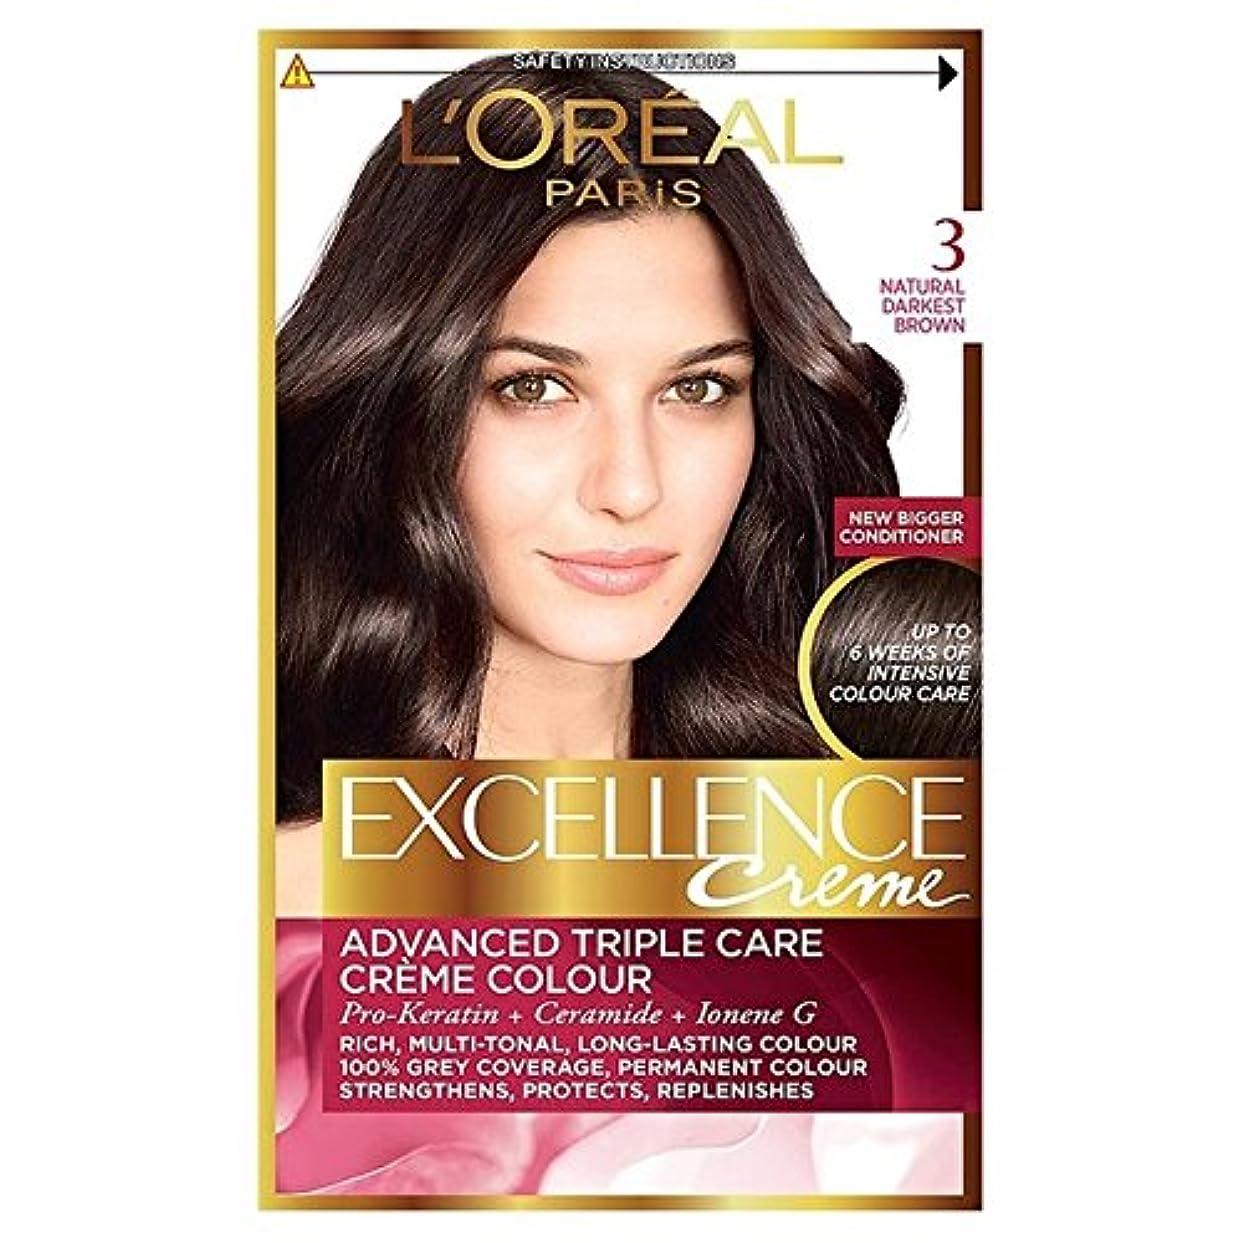 誇張する健康的クモL'Oreal Excellence Natural Darkest Brown 3 (Pack of 6) - ロレアルの卓越性、自然最も暗い茶色3 x6 [並行輸入品]